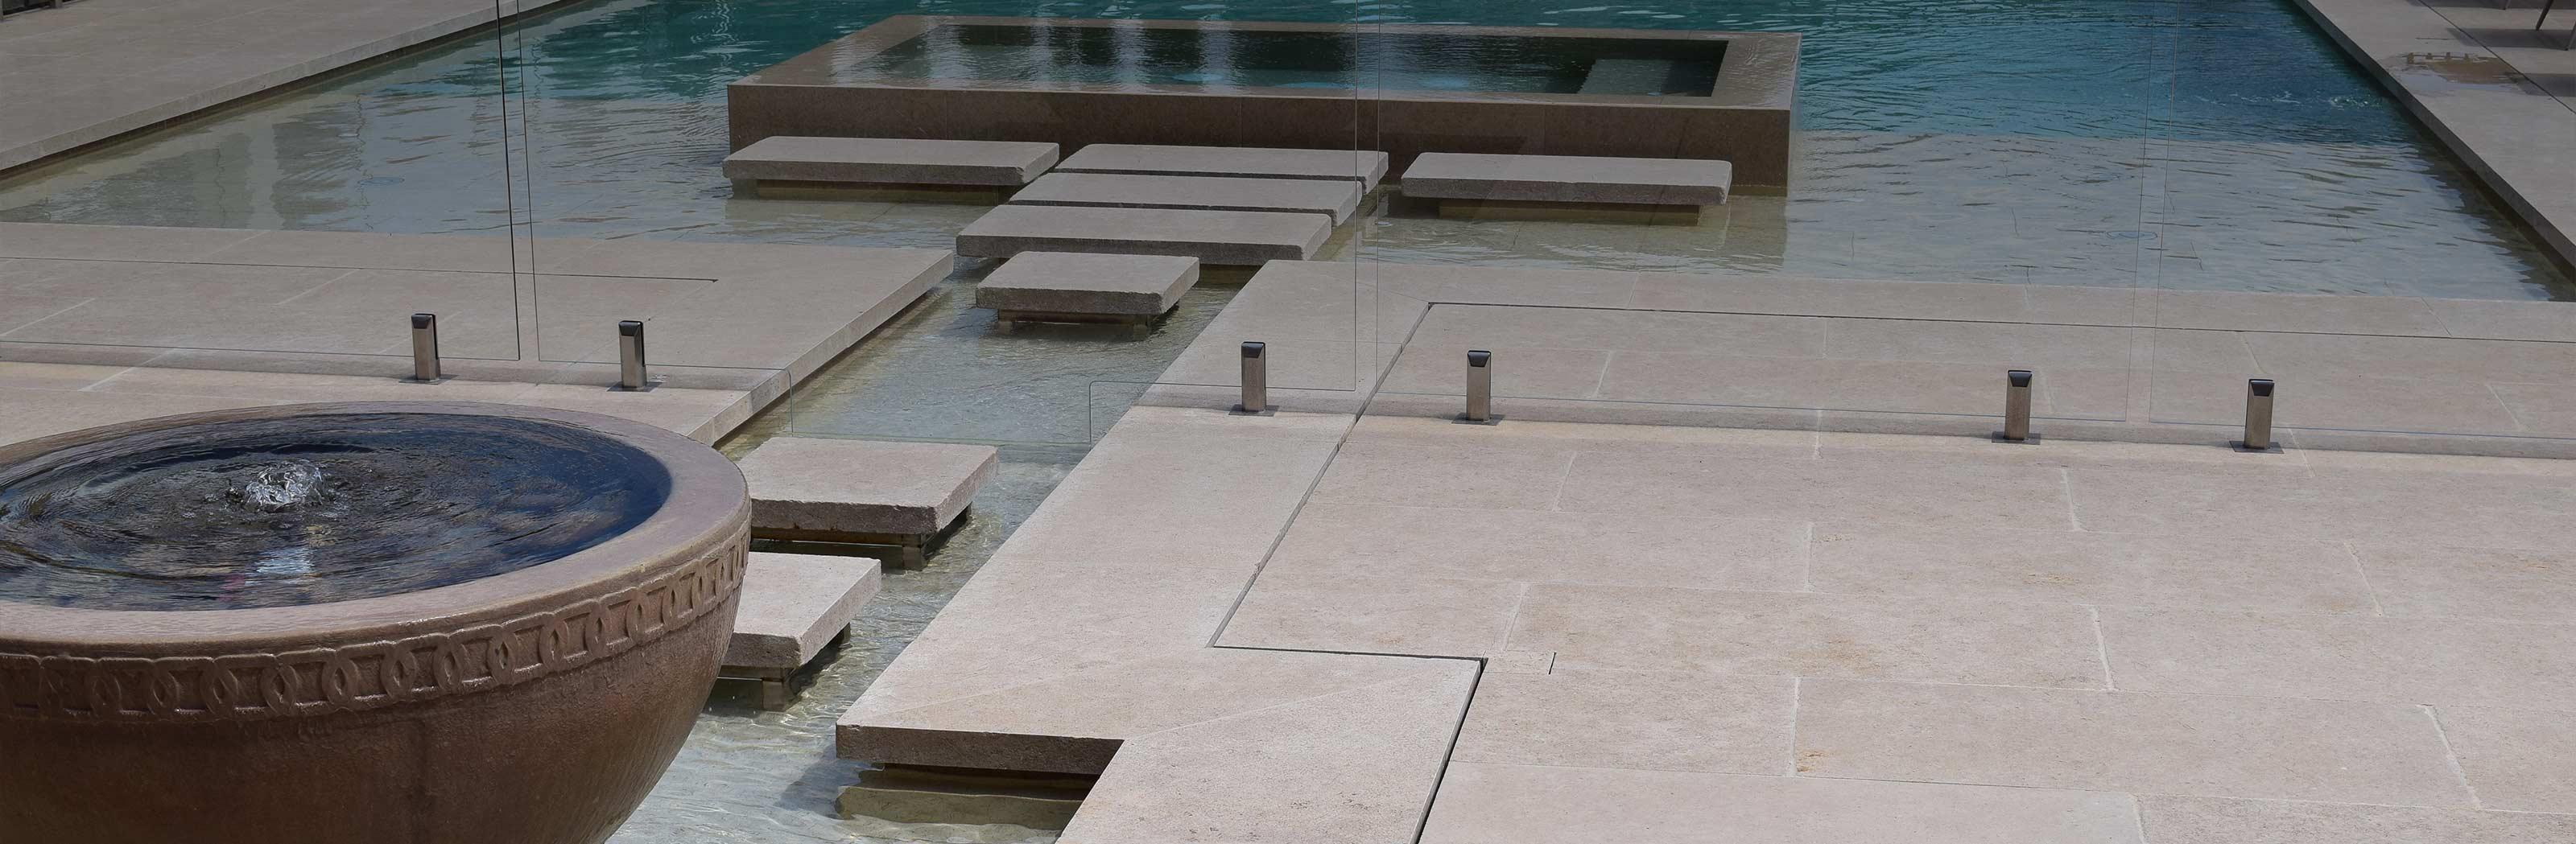 french pattern limestone pavers